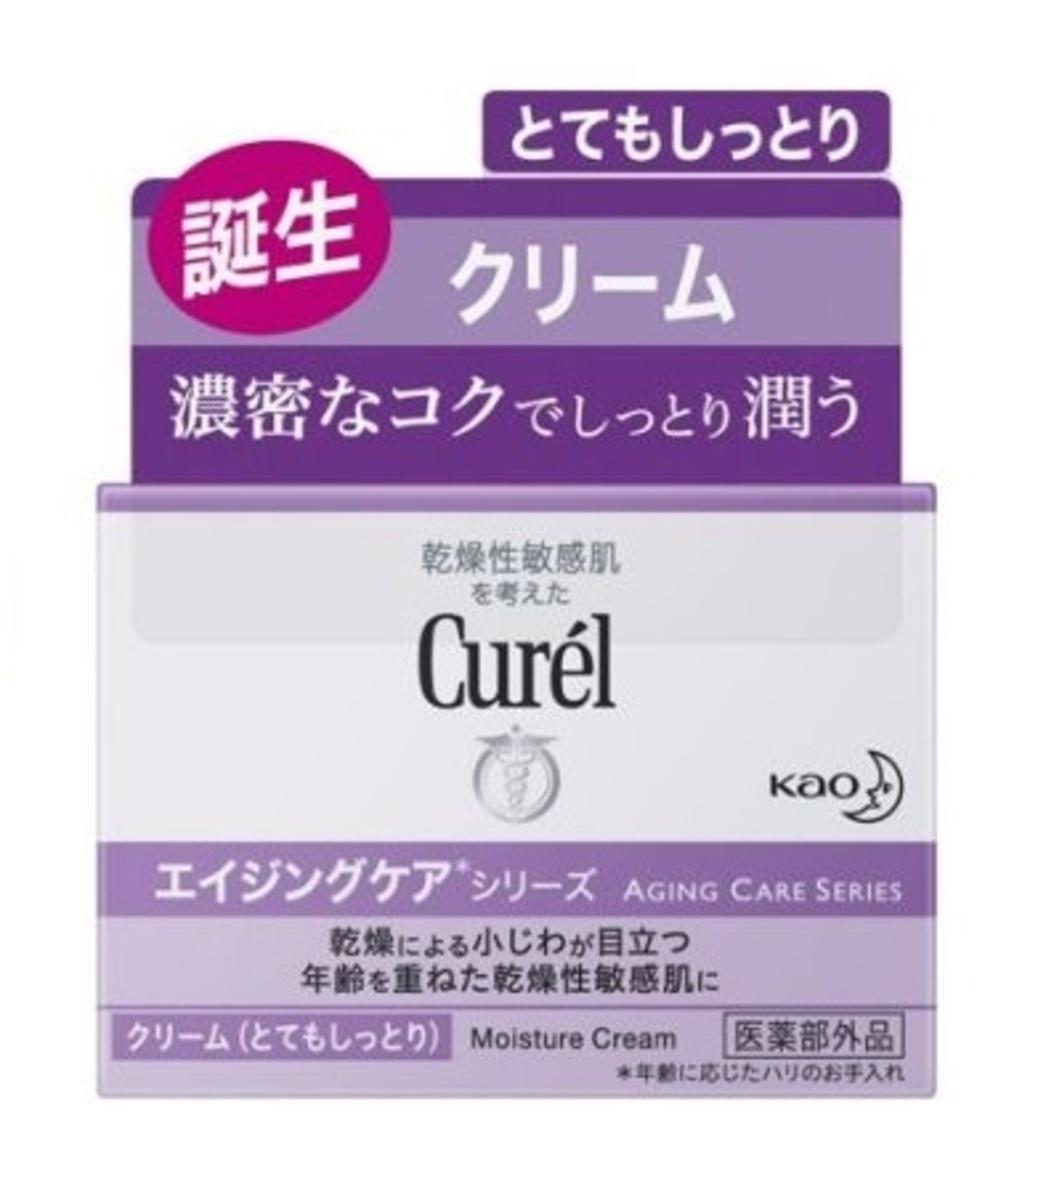 Curél Aging Care Moisture Face Cream 40g